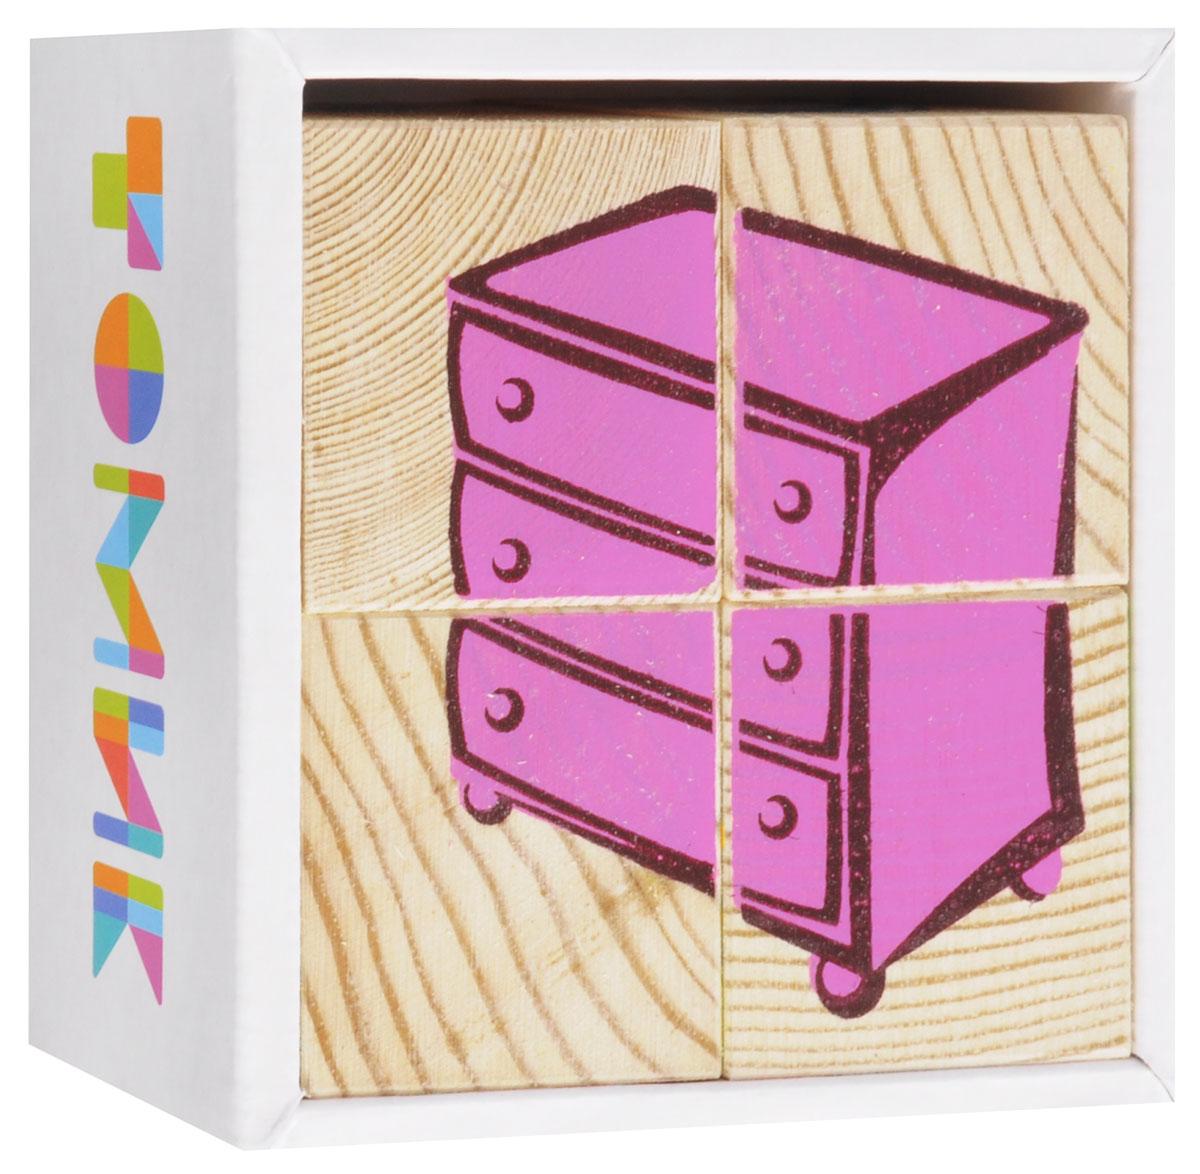 Томик Кубики Мебель замки на мебель от детей